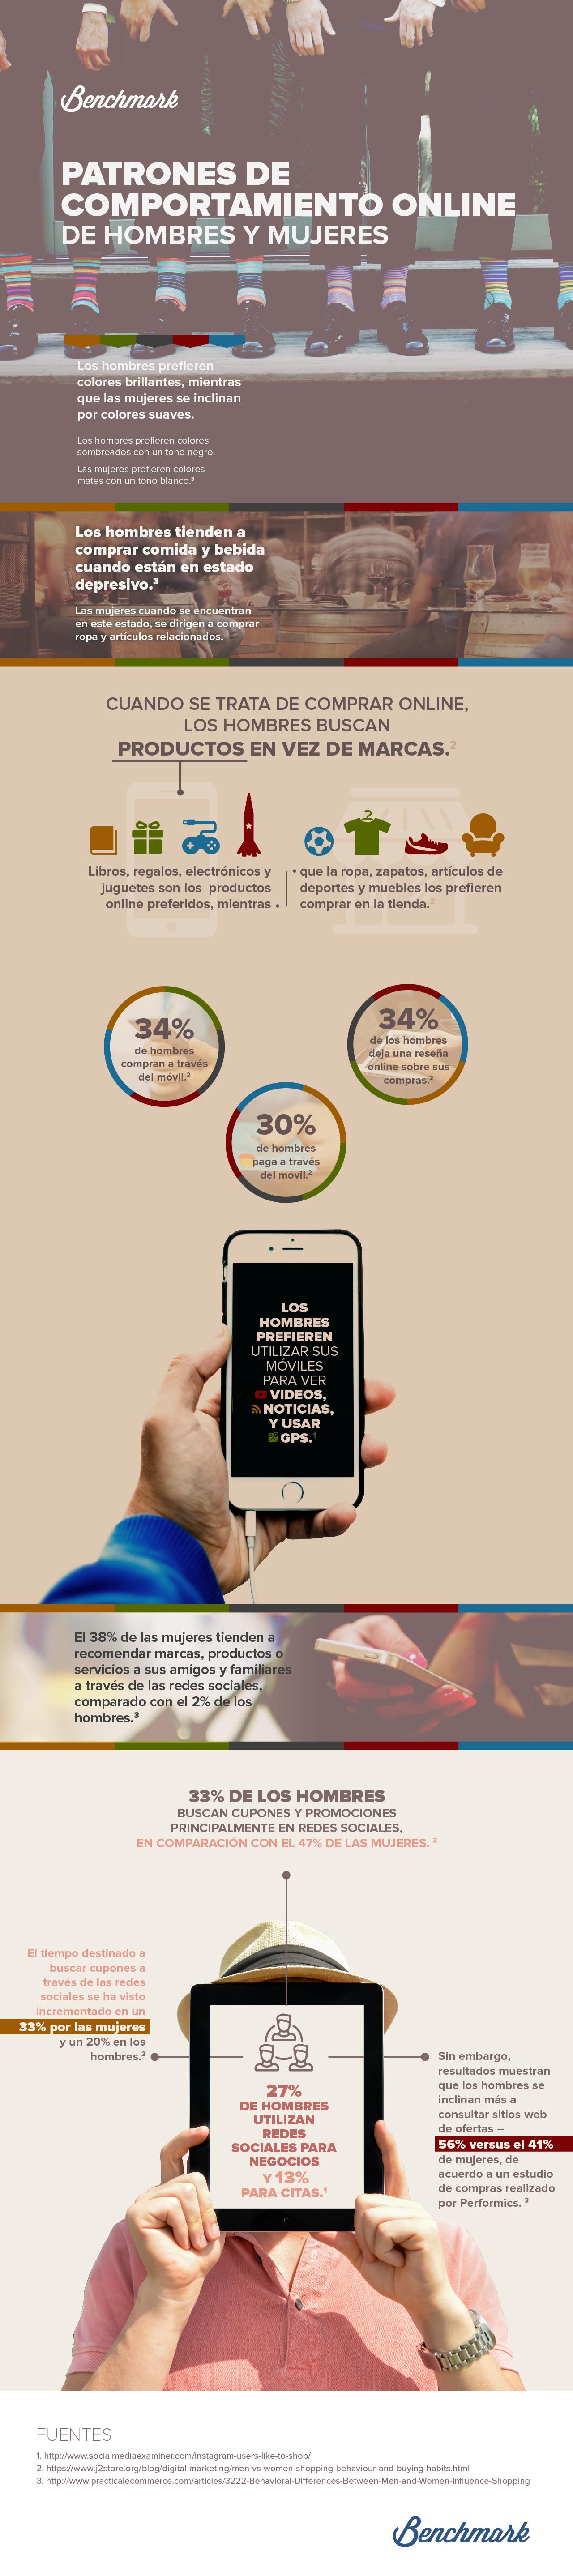 patrones-comportamiento-online-hombres-mujeres-infografia